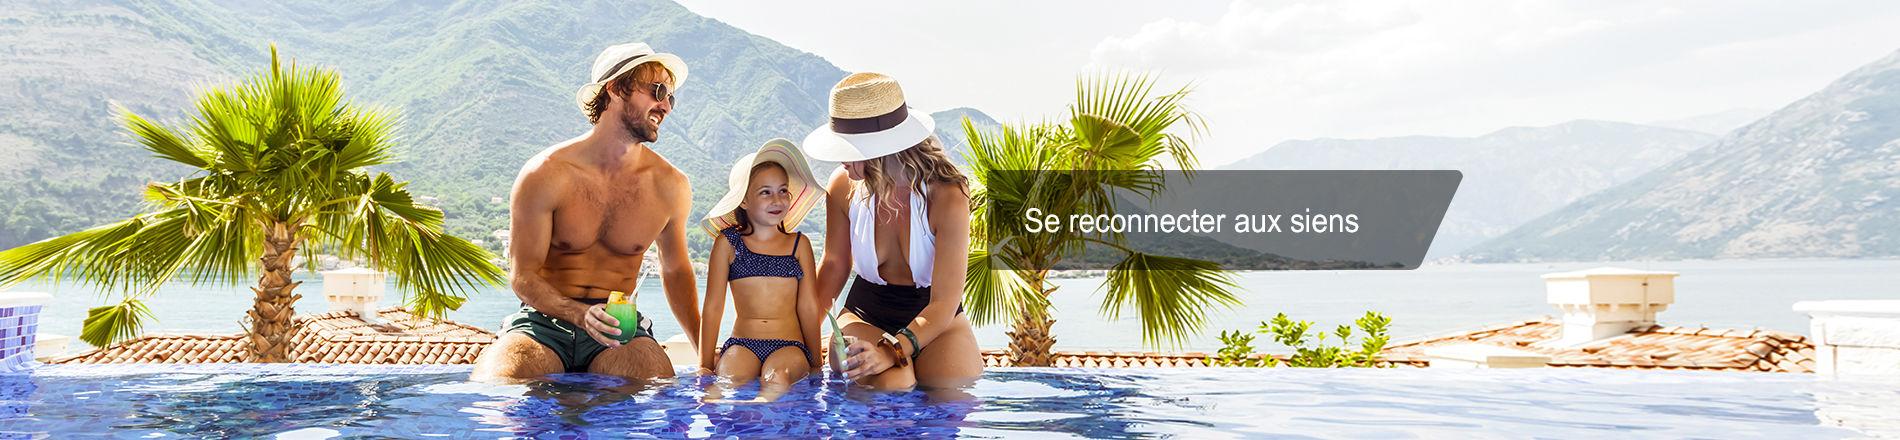 Séjours en hôtels clubs et clubs de vacances